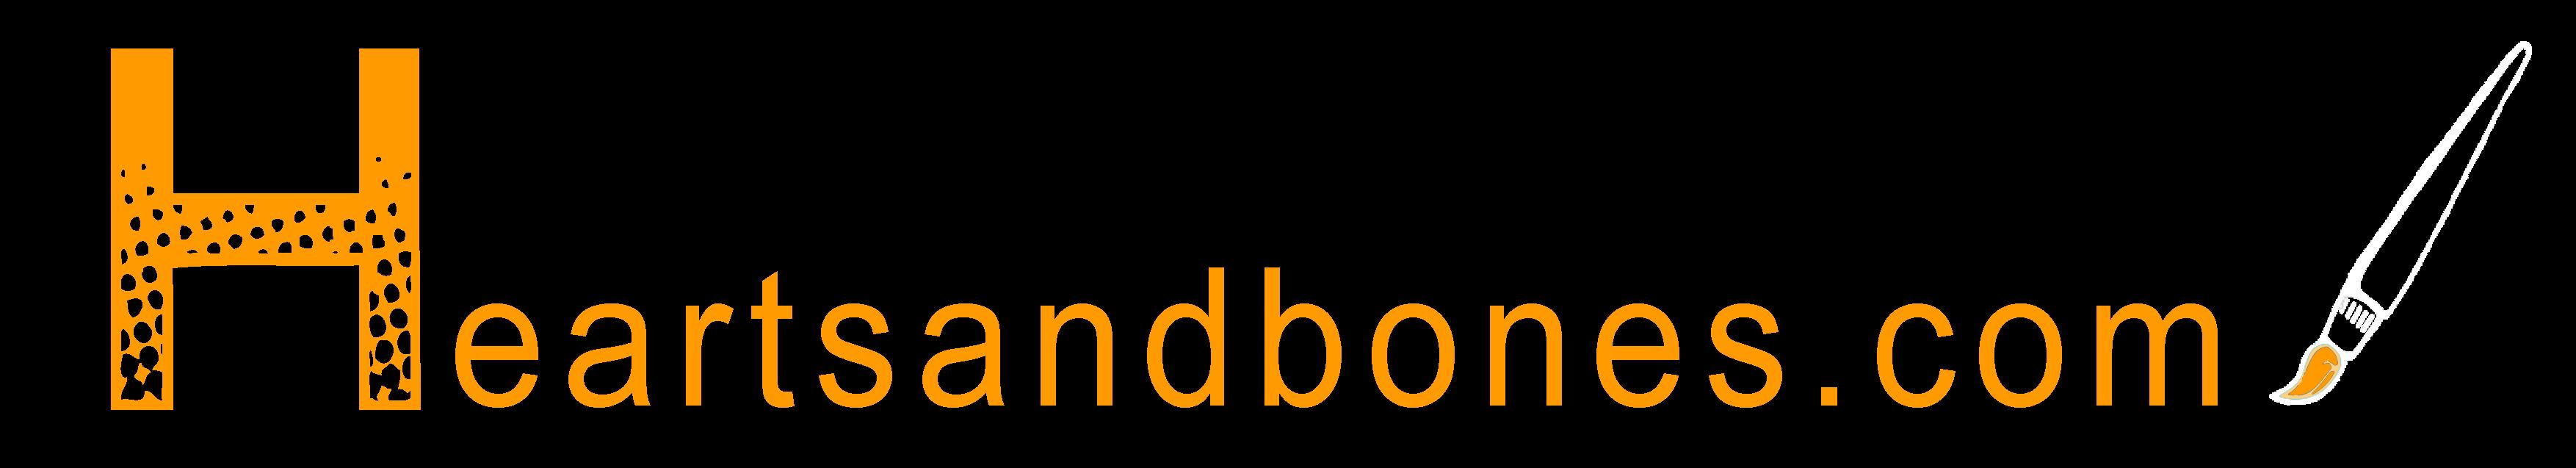 heartsandbones.com